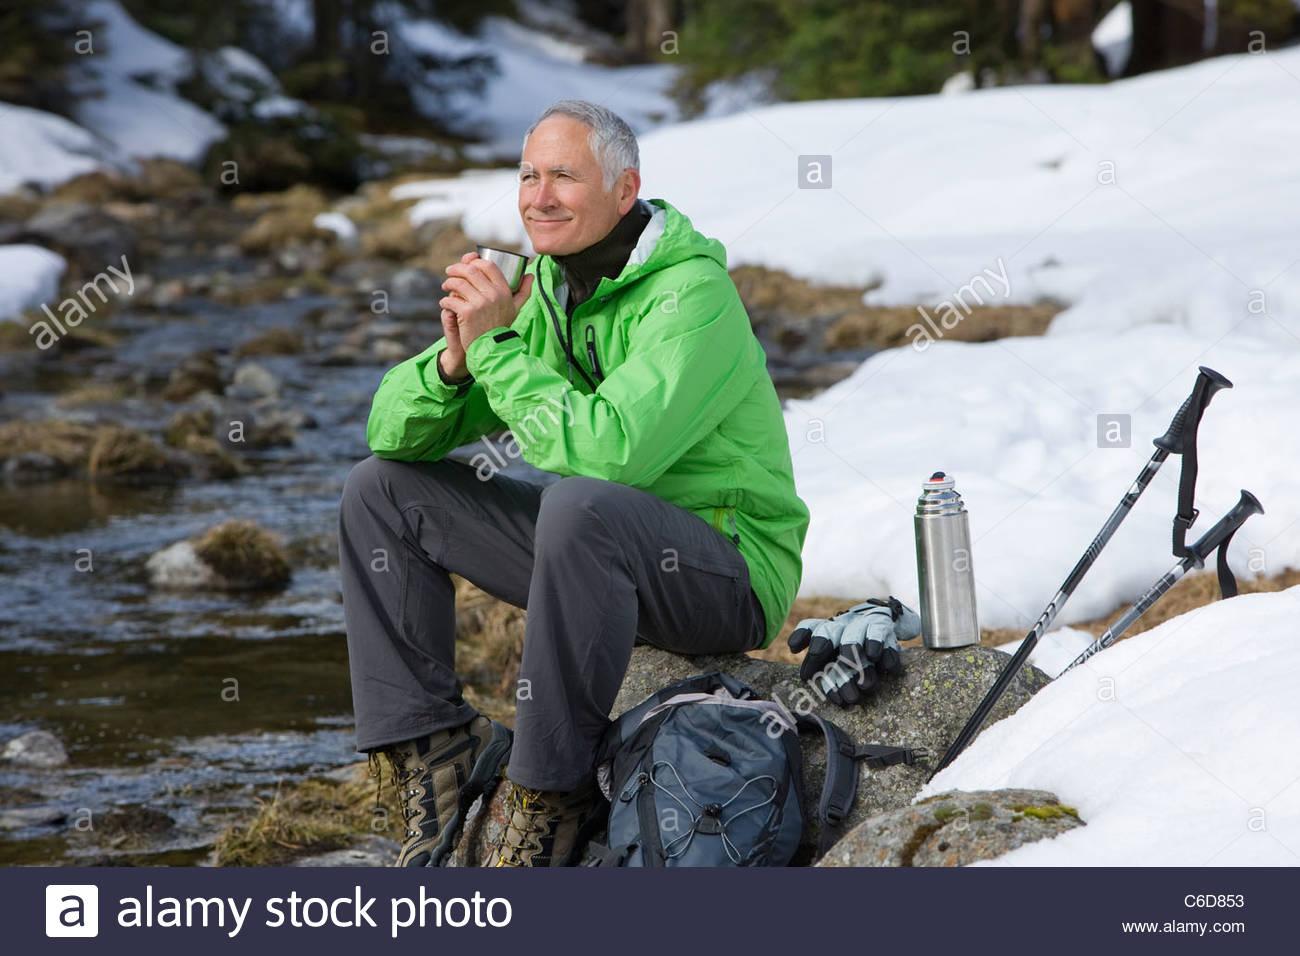 Smiling man avec sac à dos et bâtons de ski assis au bord du ruisseau dans Snowy Woods Photo Stock